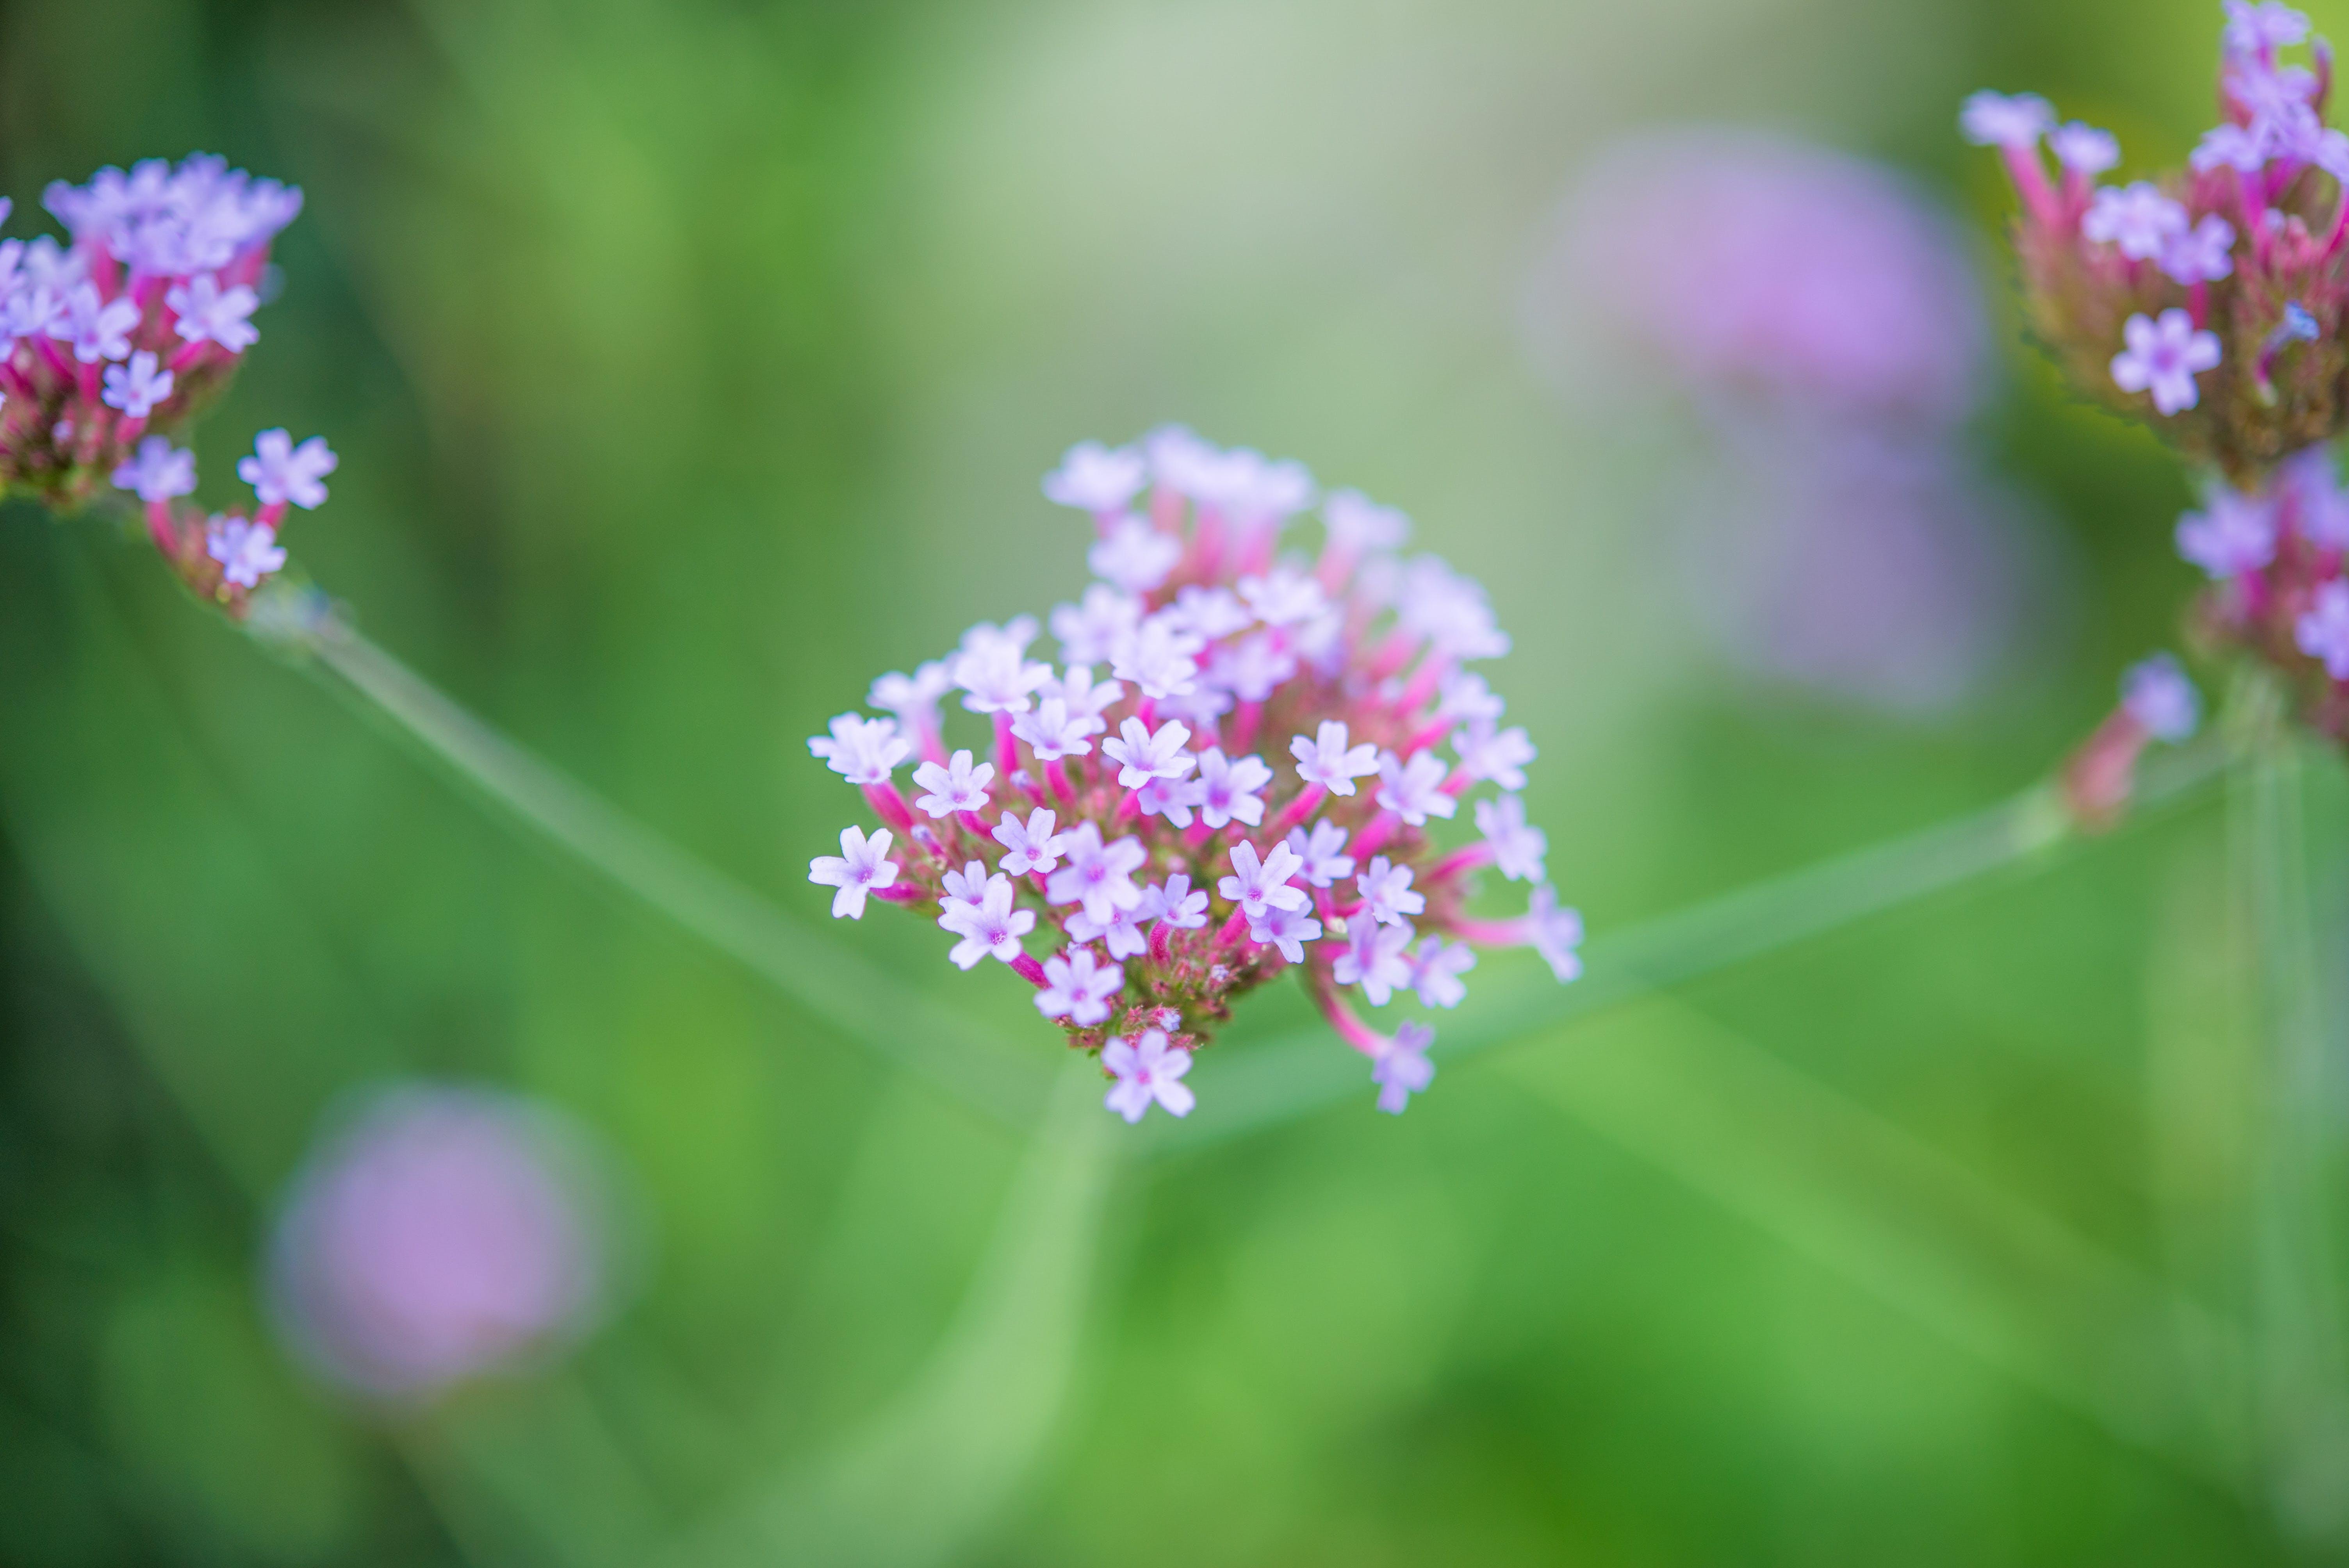 Ilmainen kuvapankkikuva tunnisteilla hauras, kasvi, kasvu, kirkas